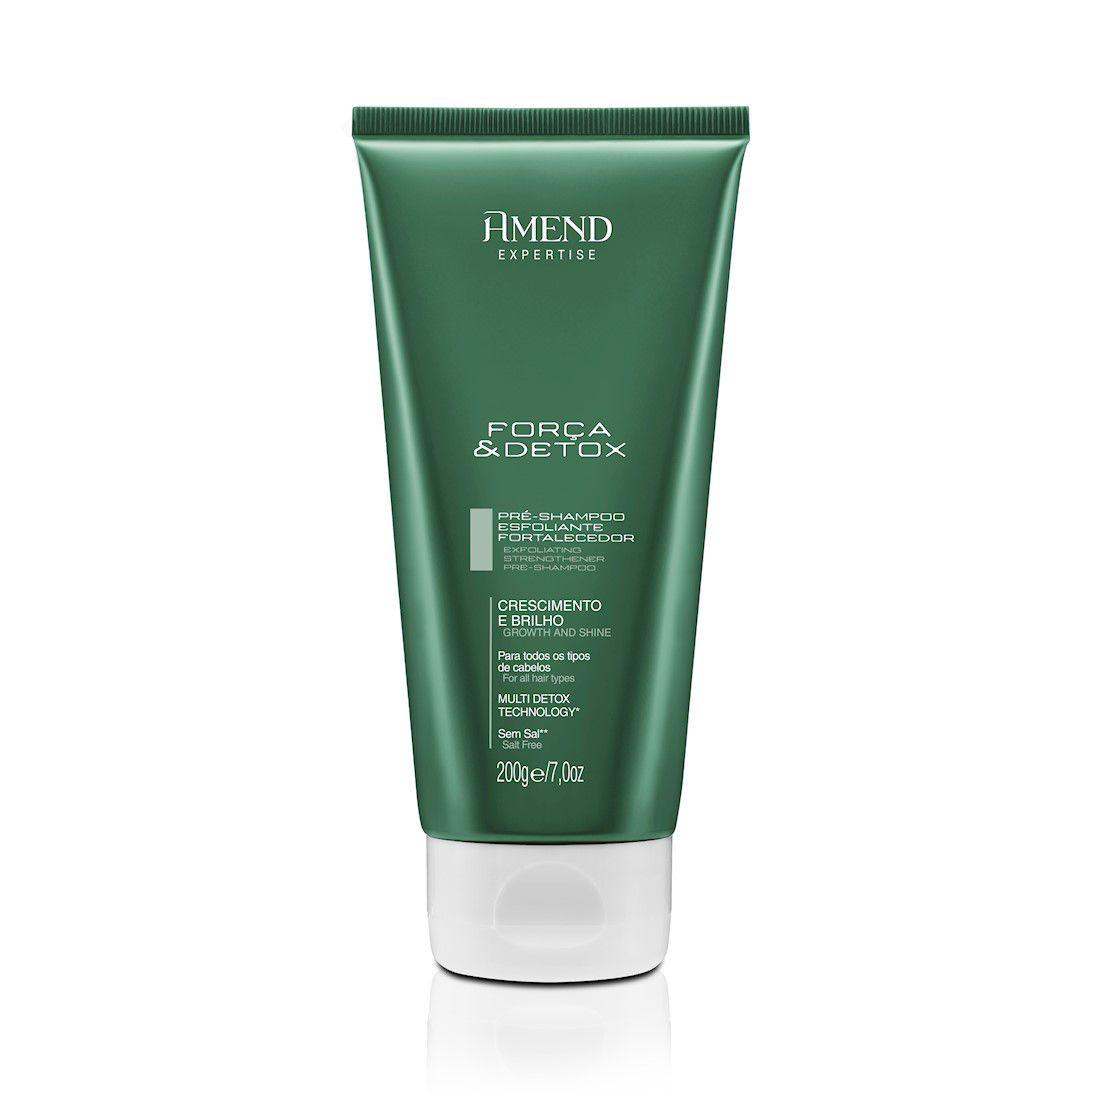 Amend Shampoo Expertise Força e Detox 200g